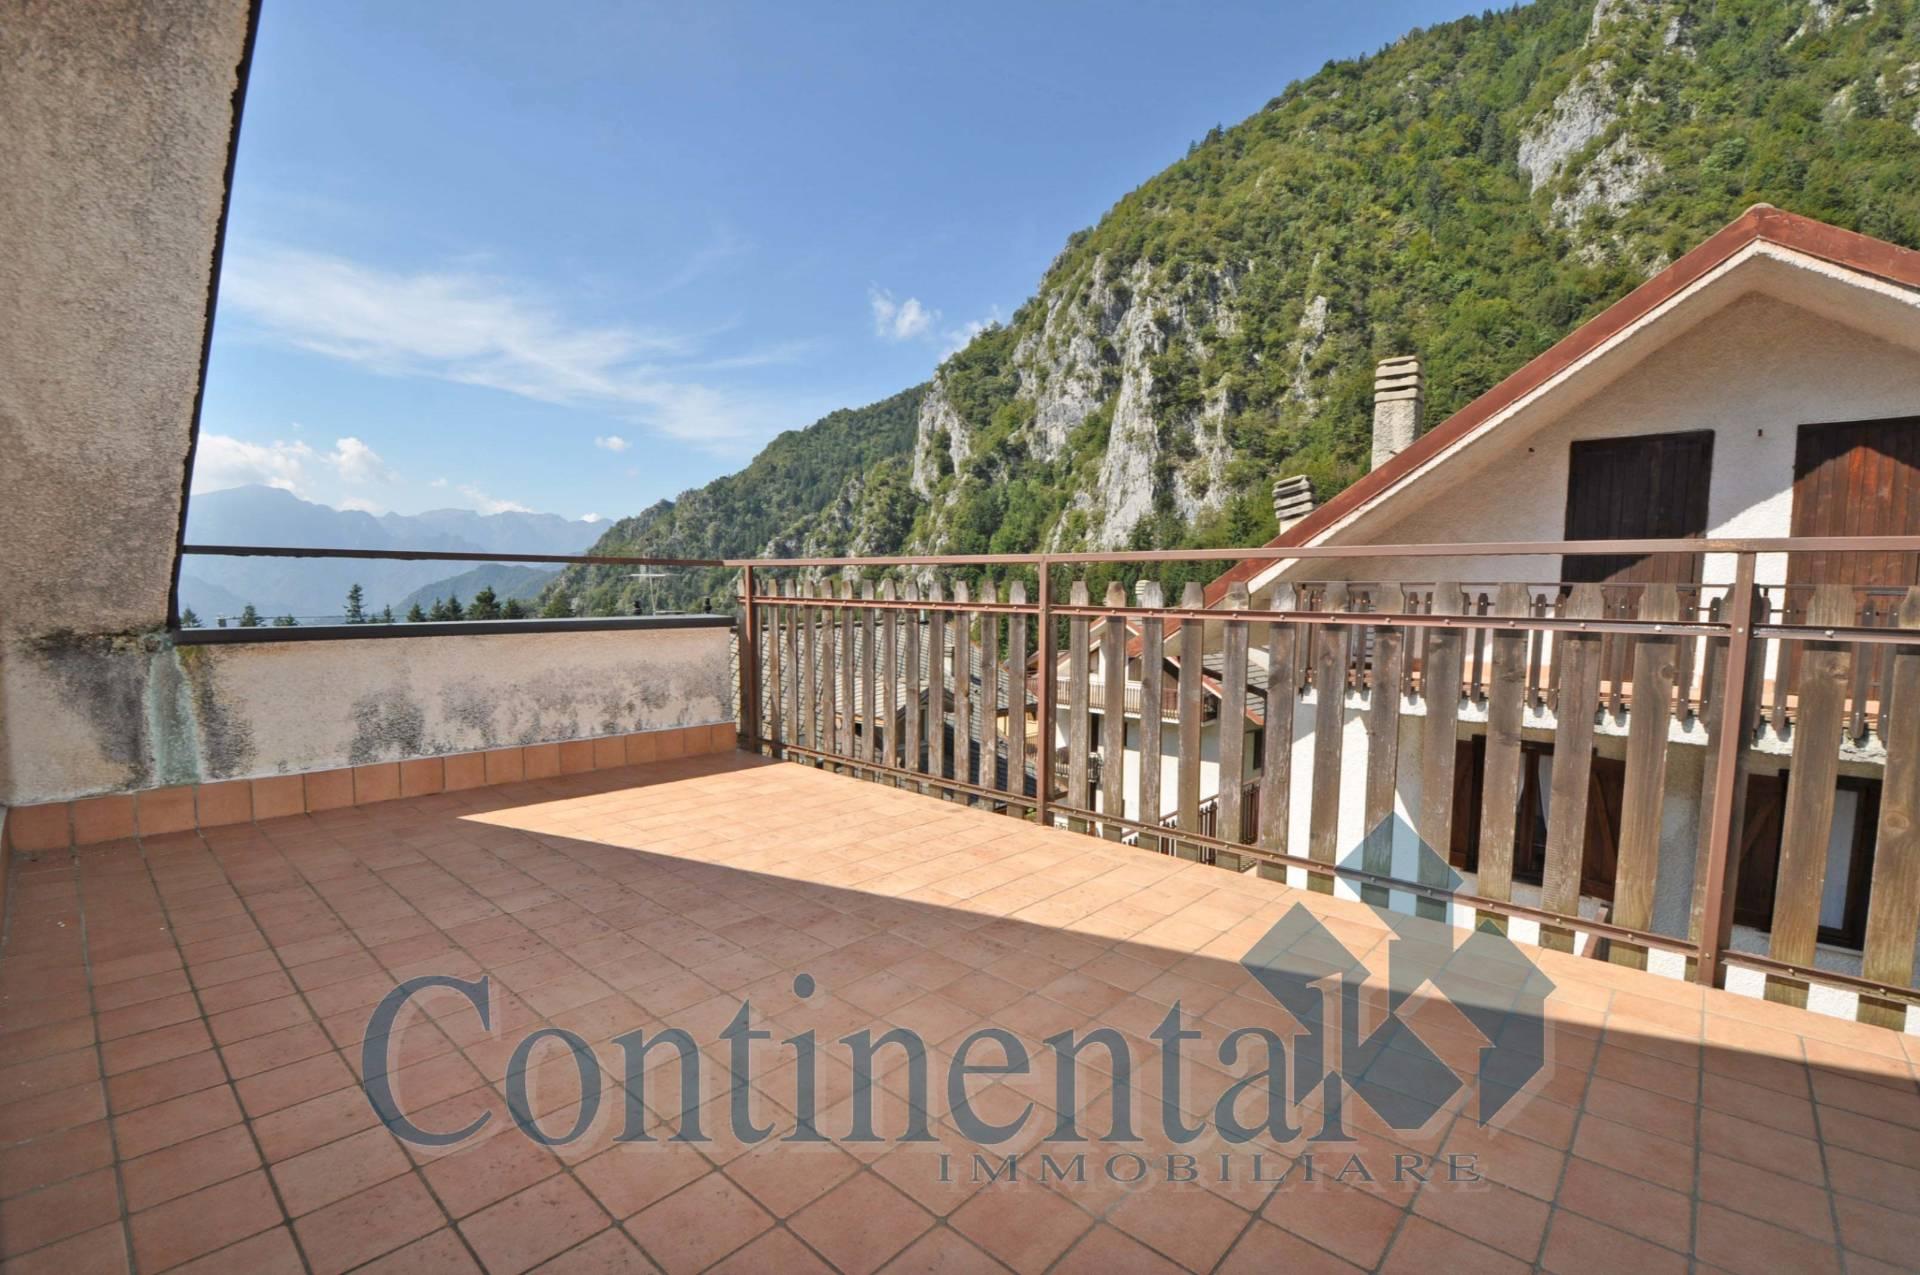 Appartamento in vendita a Piazzatorre, 2 locali, prezzo € 39.900   PortaleAgenzieImmobiliari.it